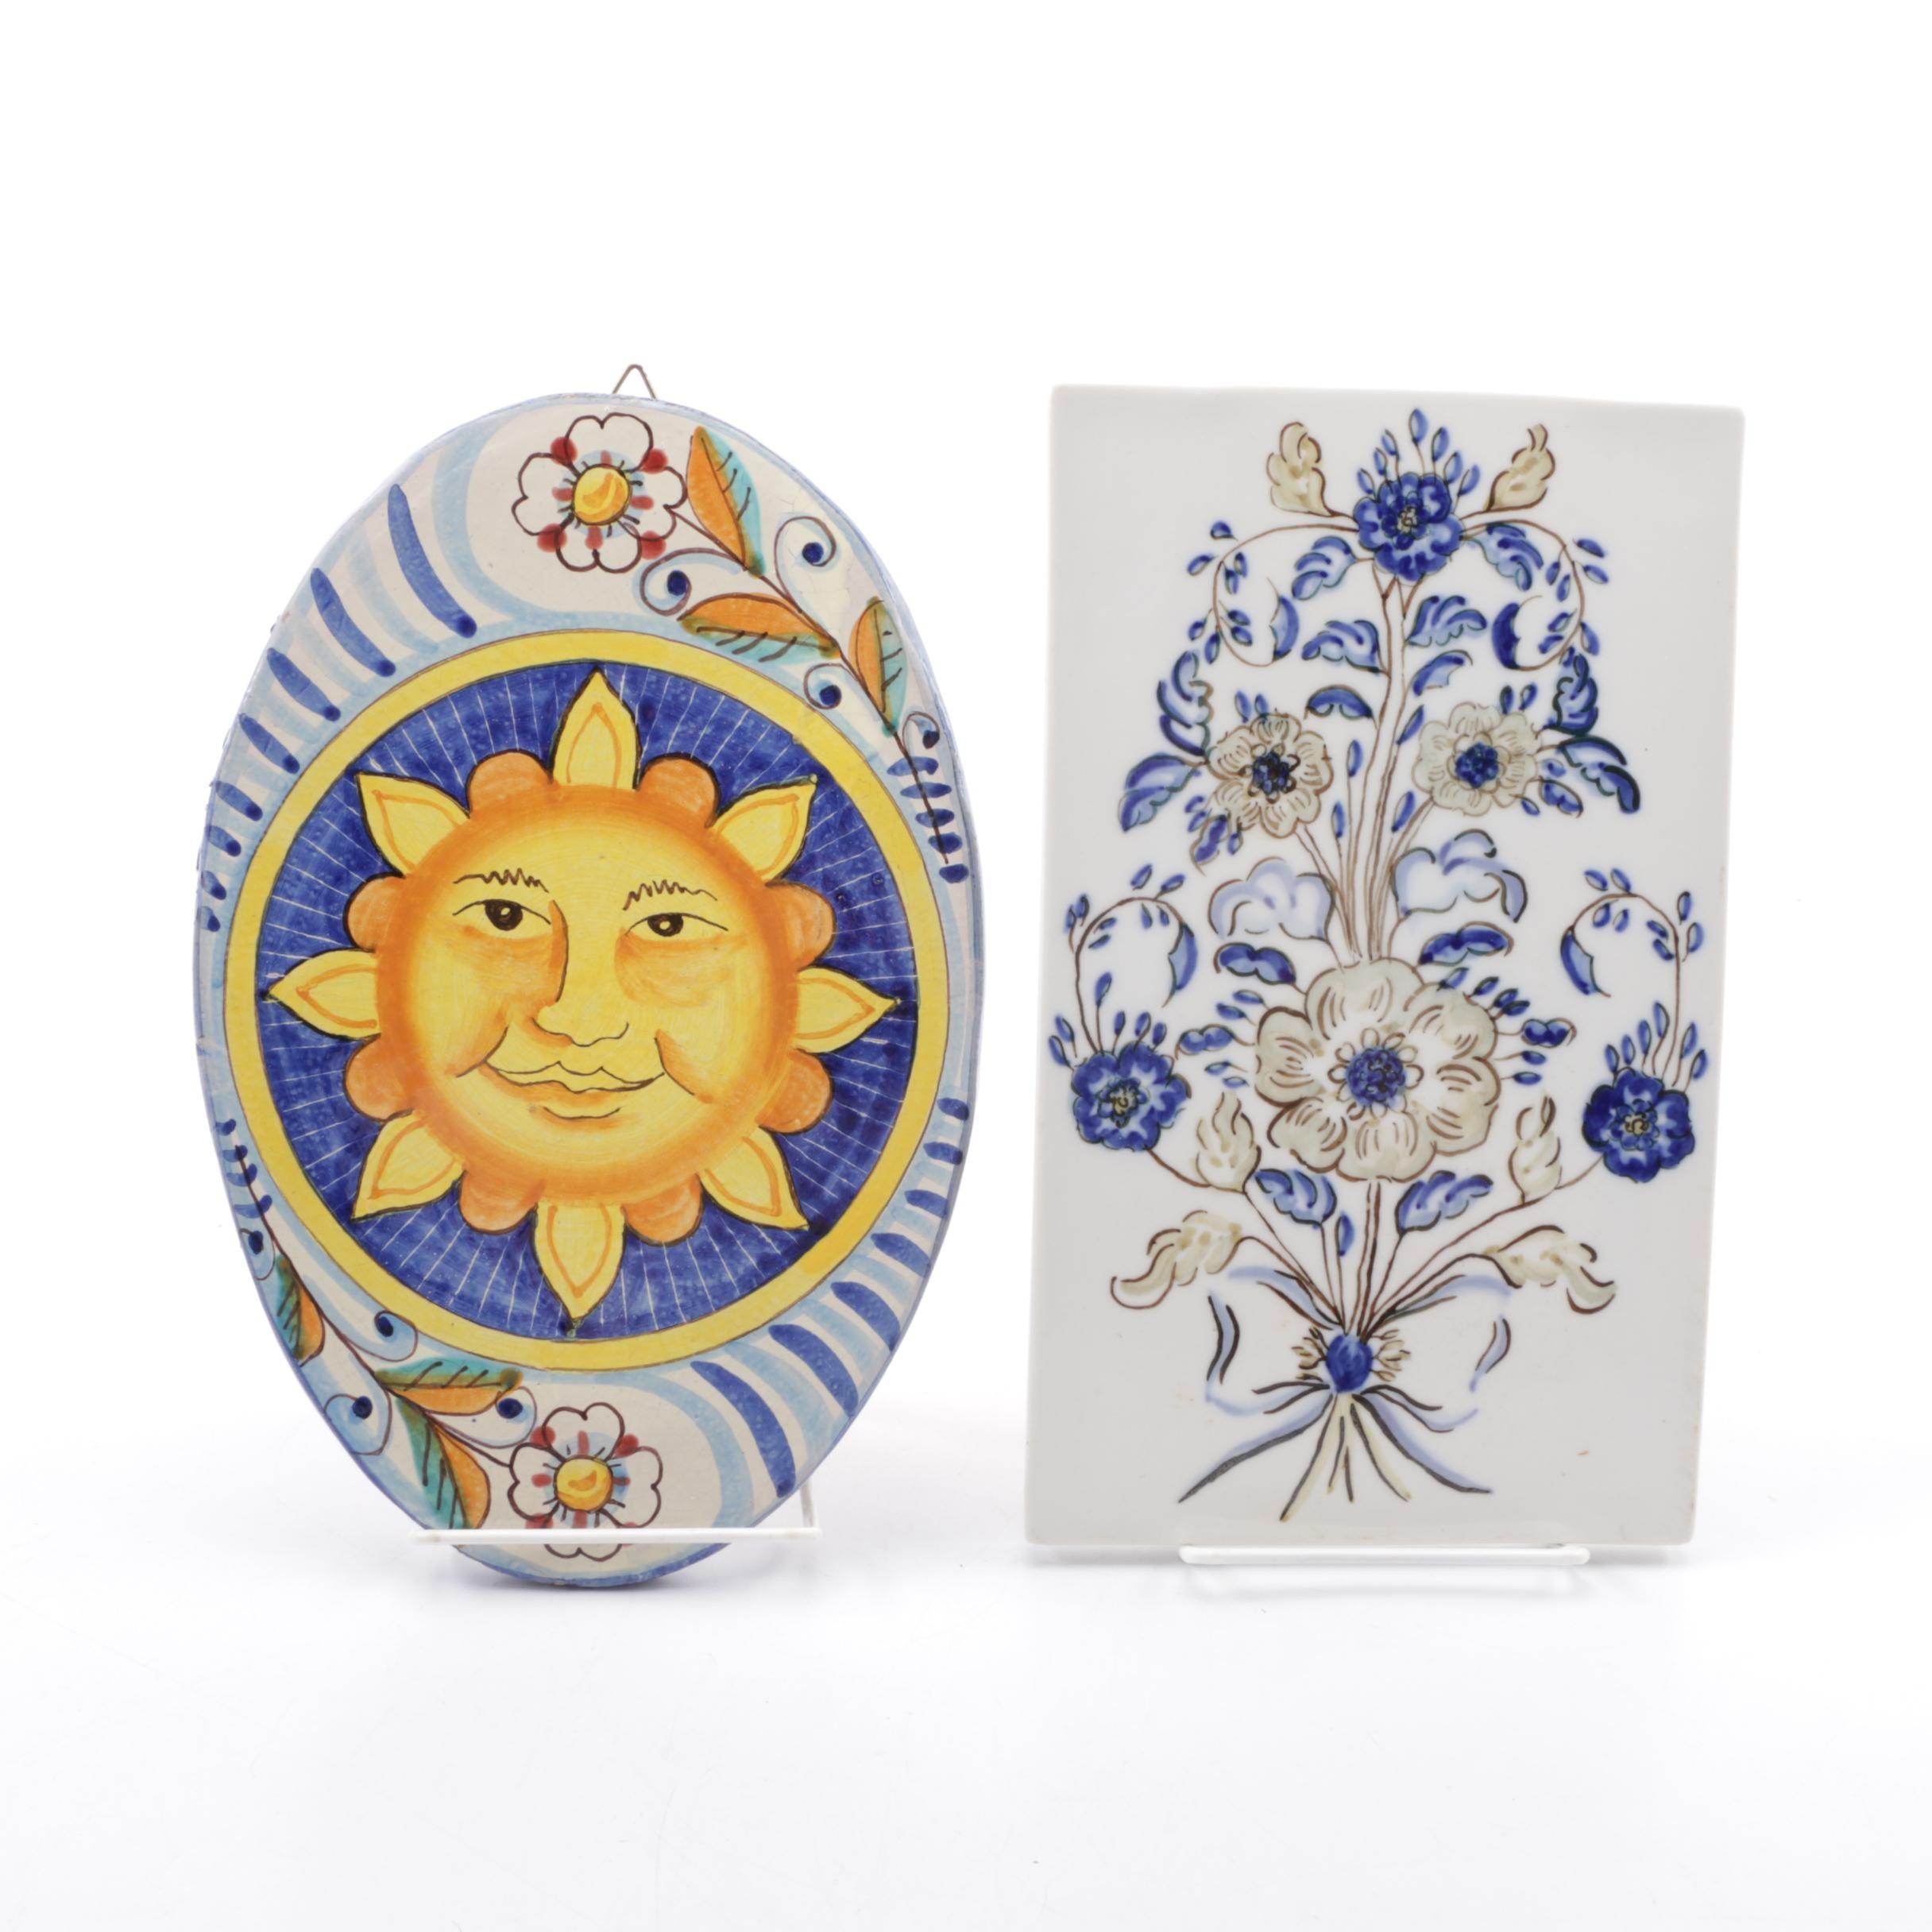 Pair of Italian Ceramic Tiles